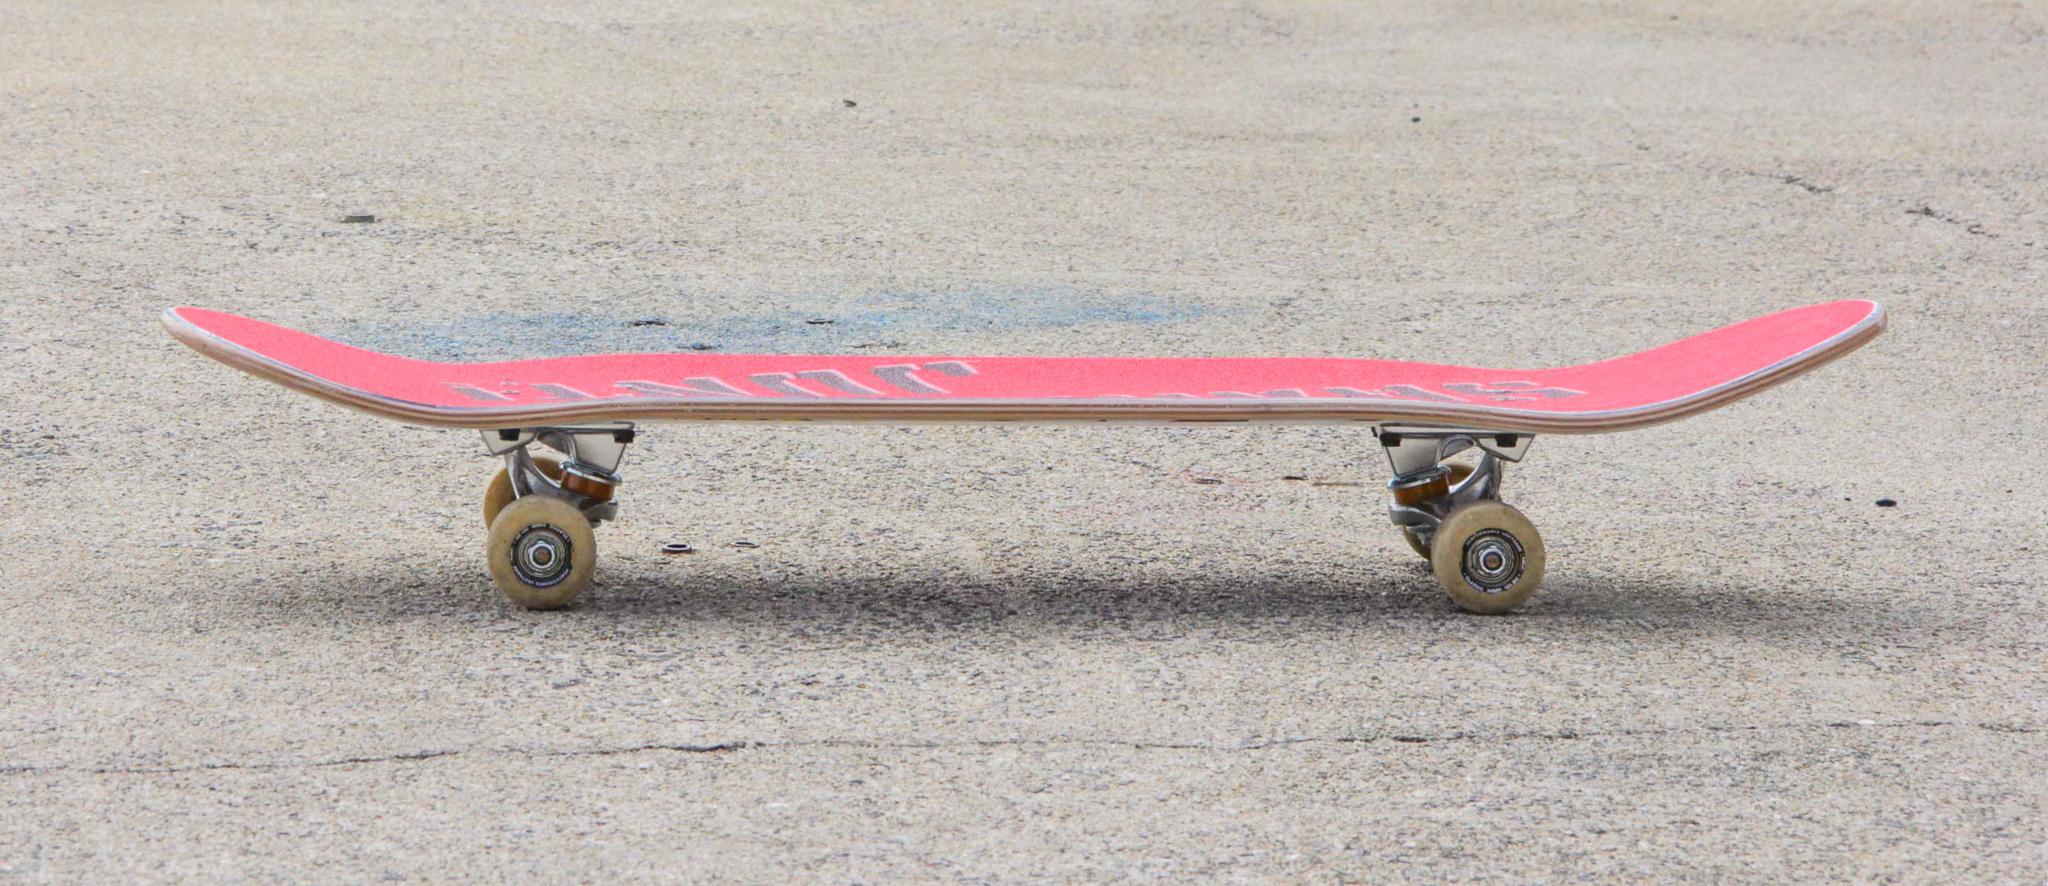 スケートボードのデッキの写真